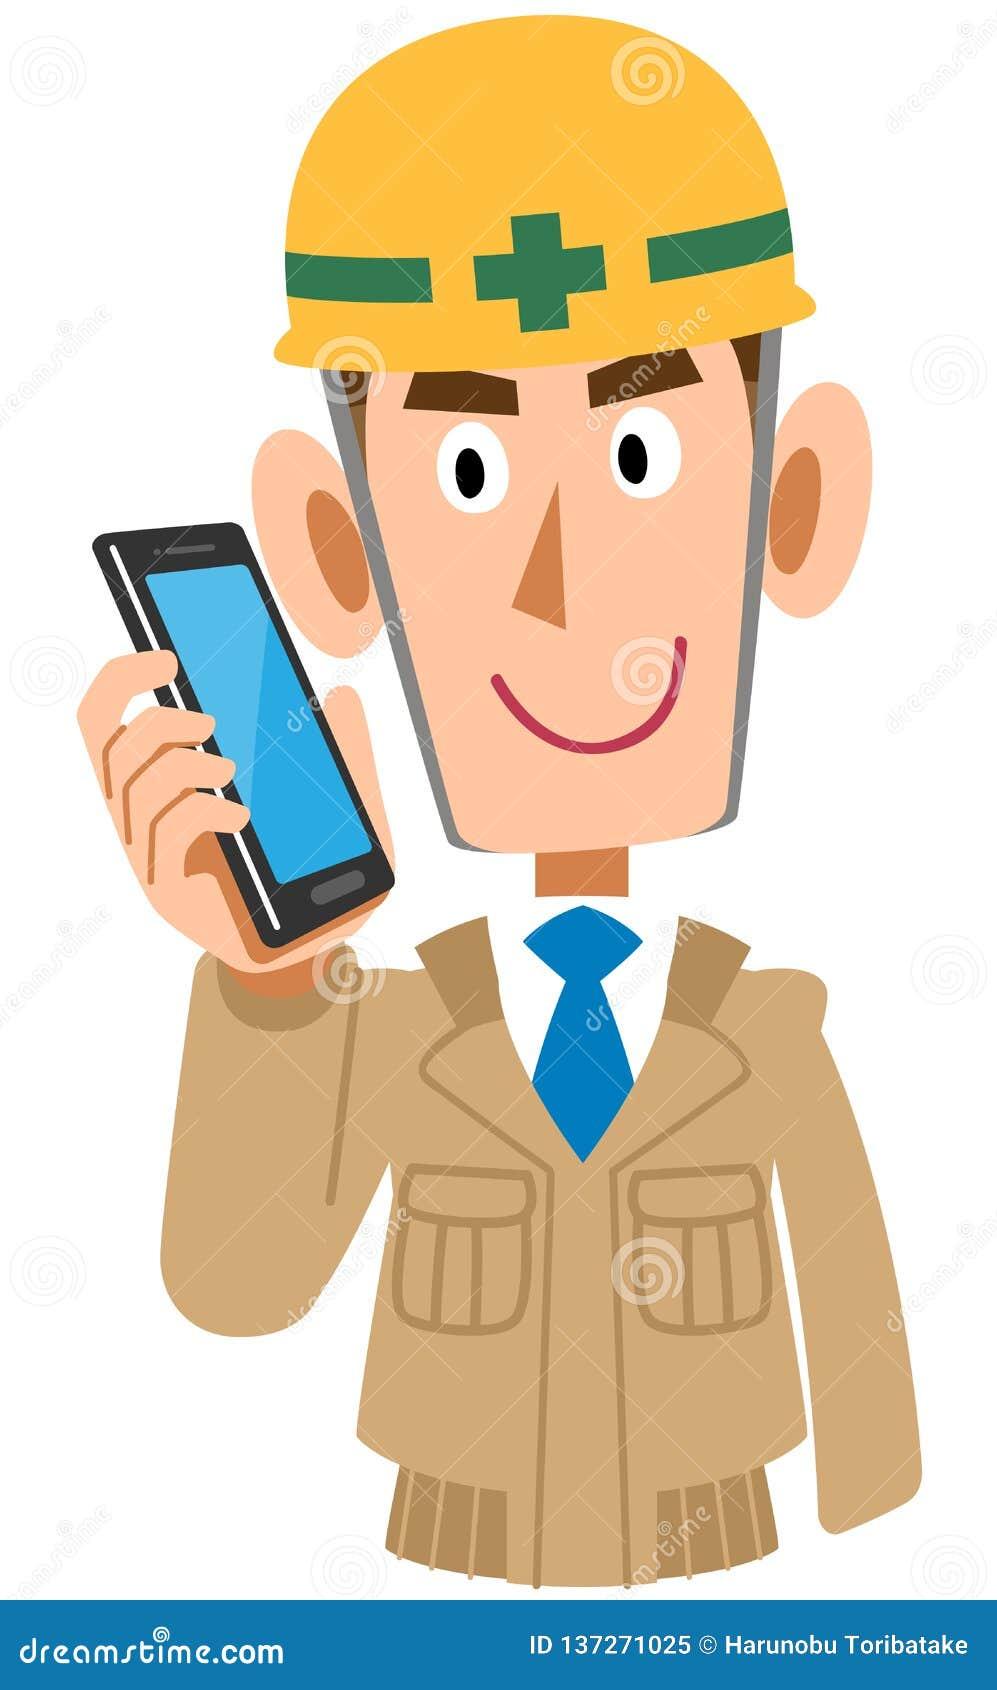 Trabalhador no canteiro de obras a falar no telefone celular, roupa de trabalho bege